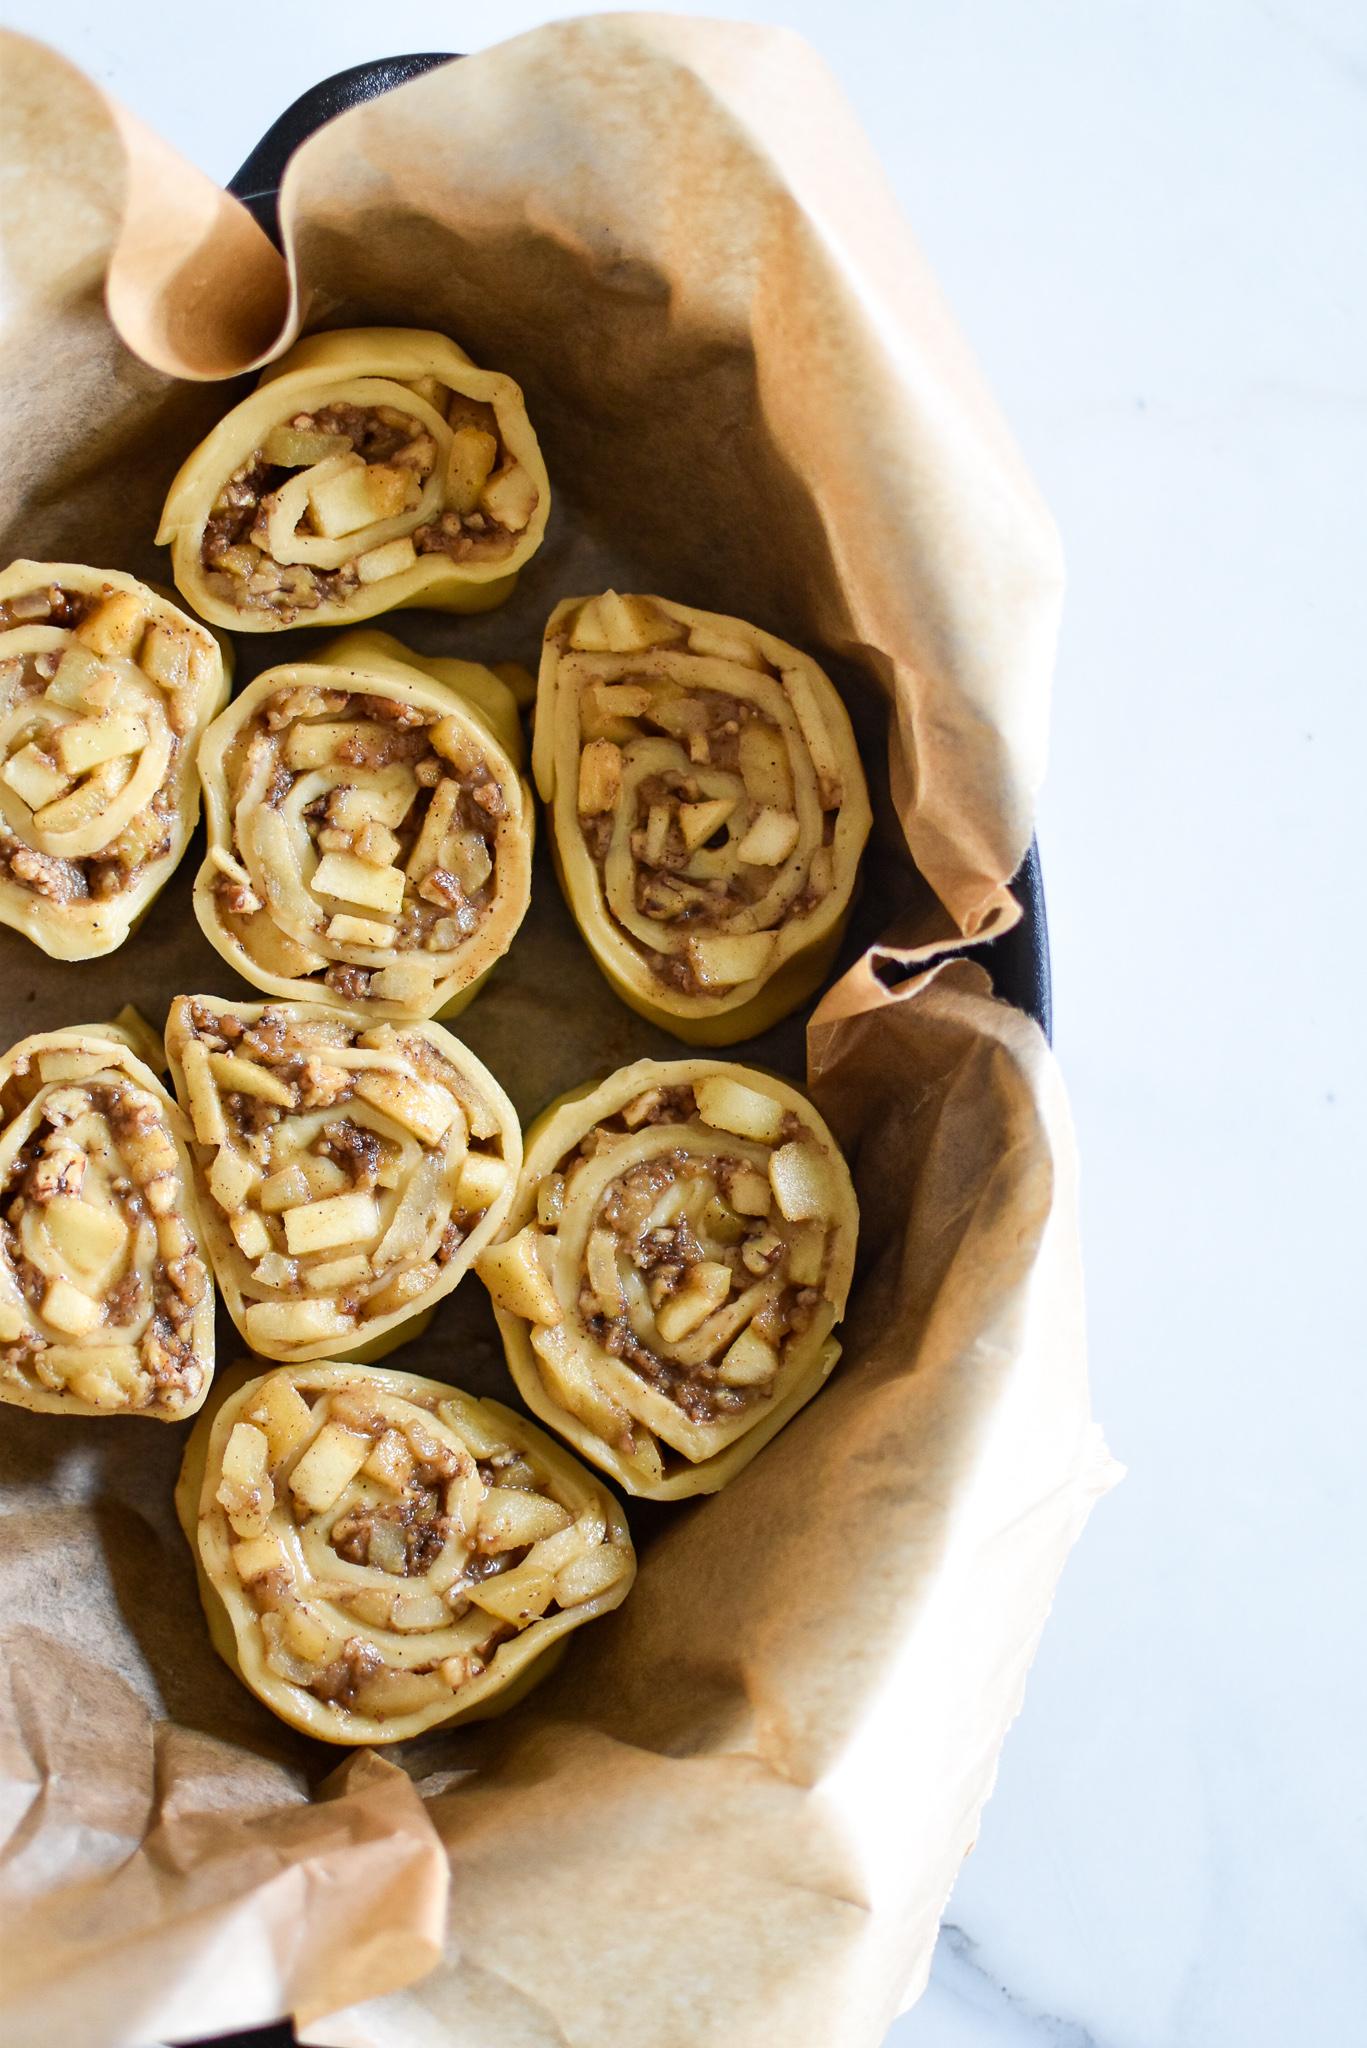 Kaneelbroodjes met appel, pecannoten en Elixir D' Anvers